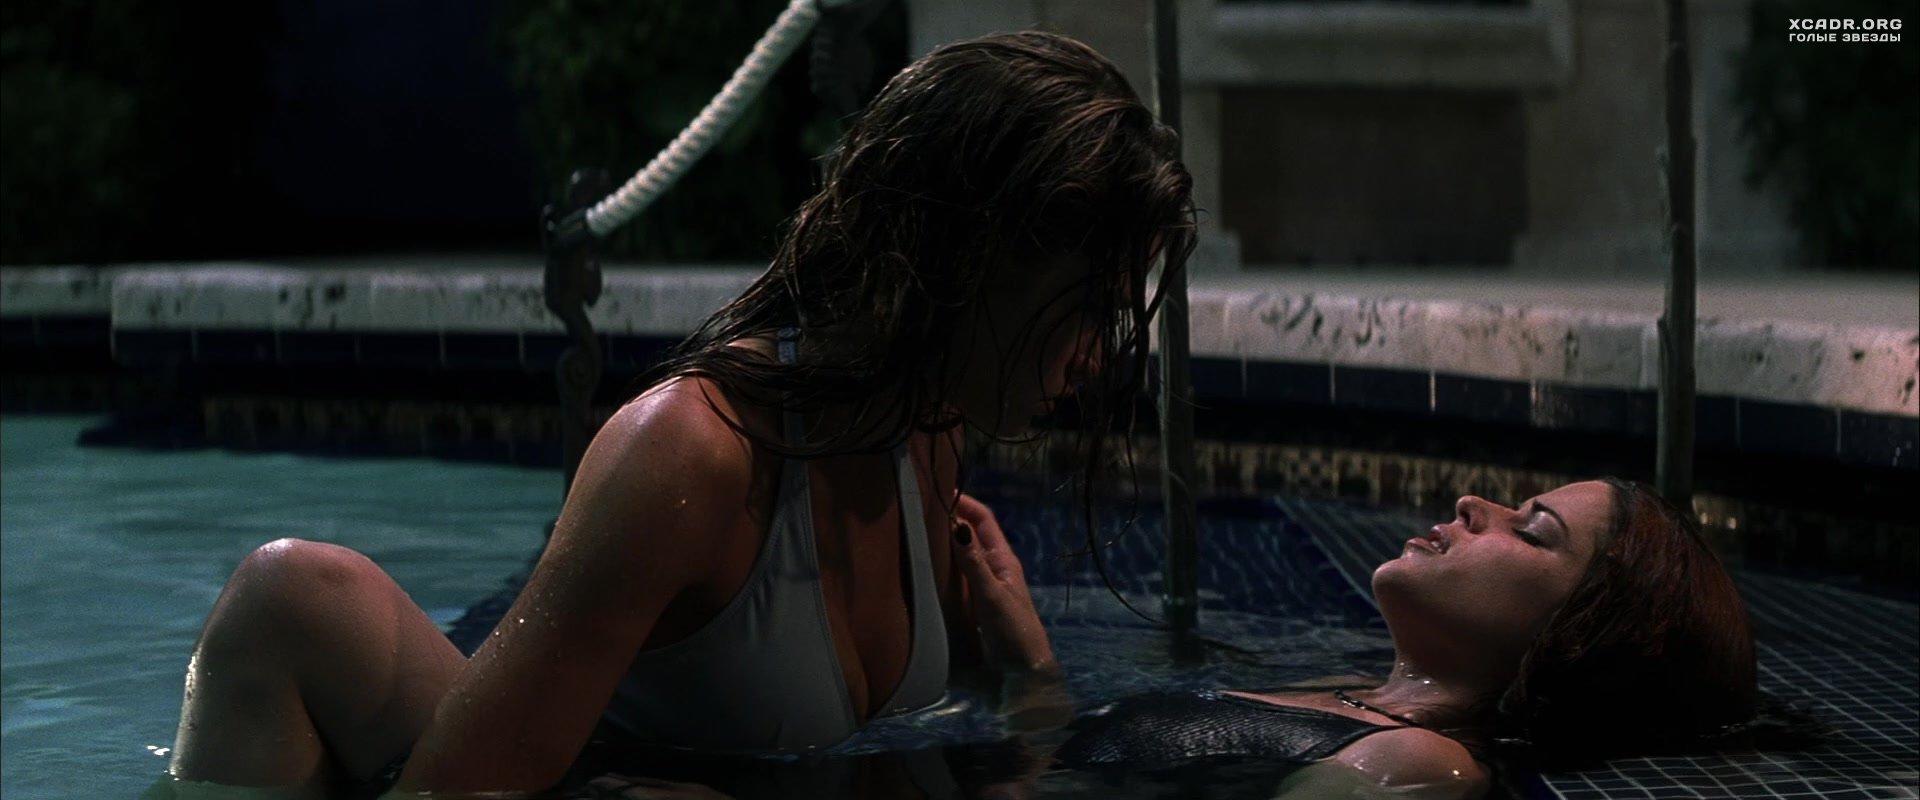 сцены лесбиянок из фильмов - 9